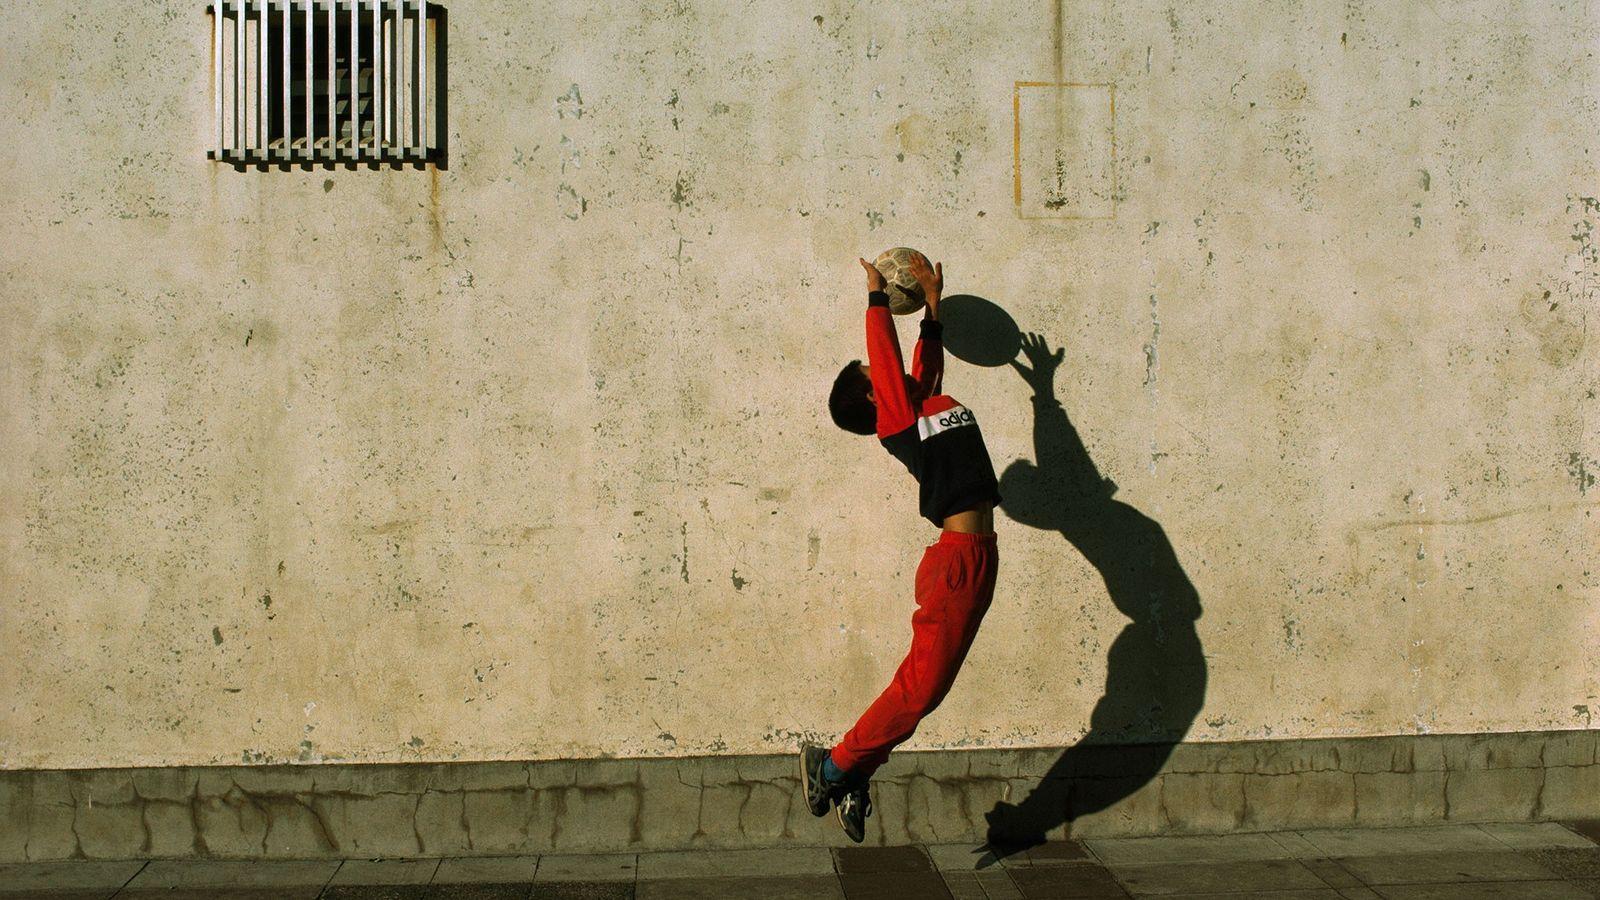 Um guarda-redes salta e estende os braços para tentar agarrar a bola.